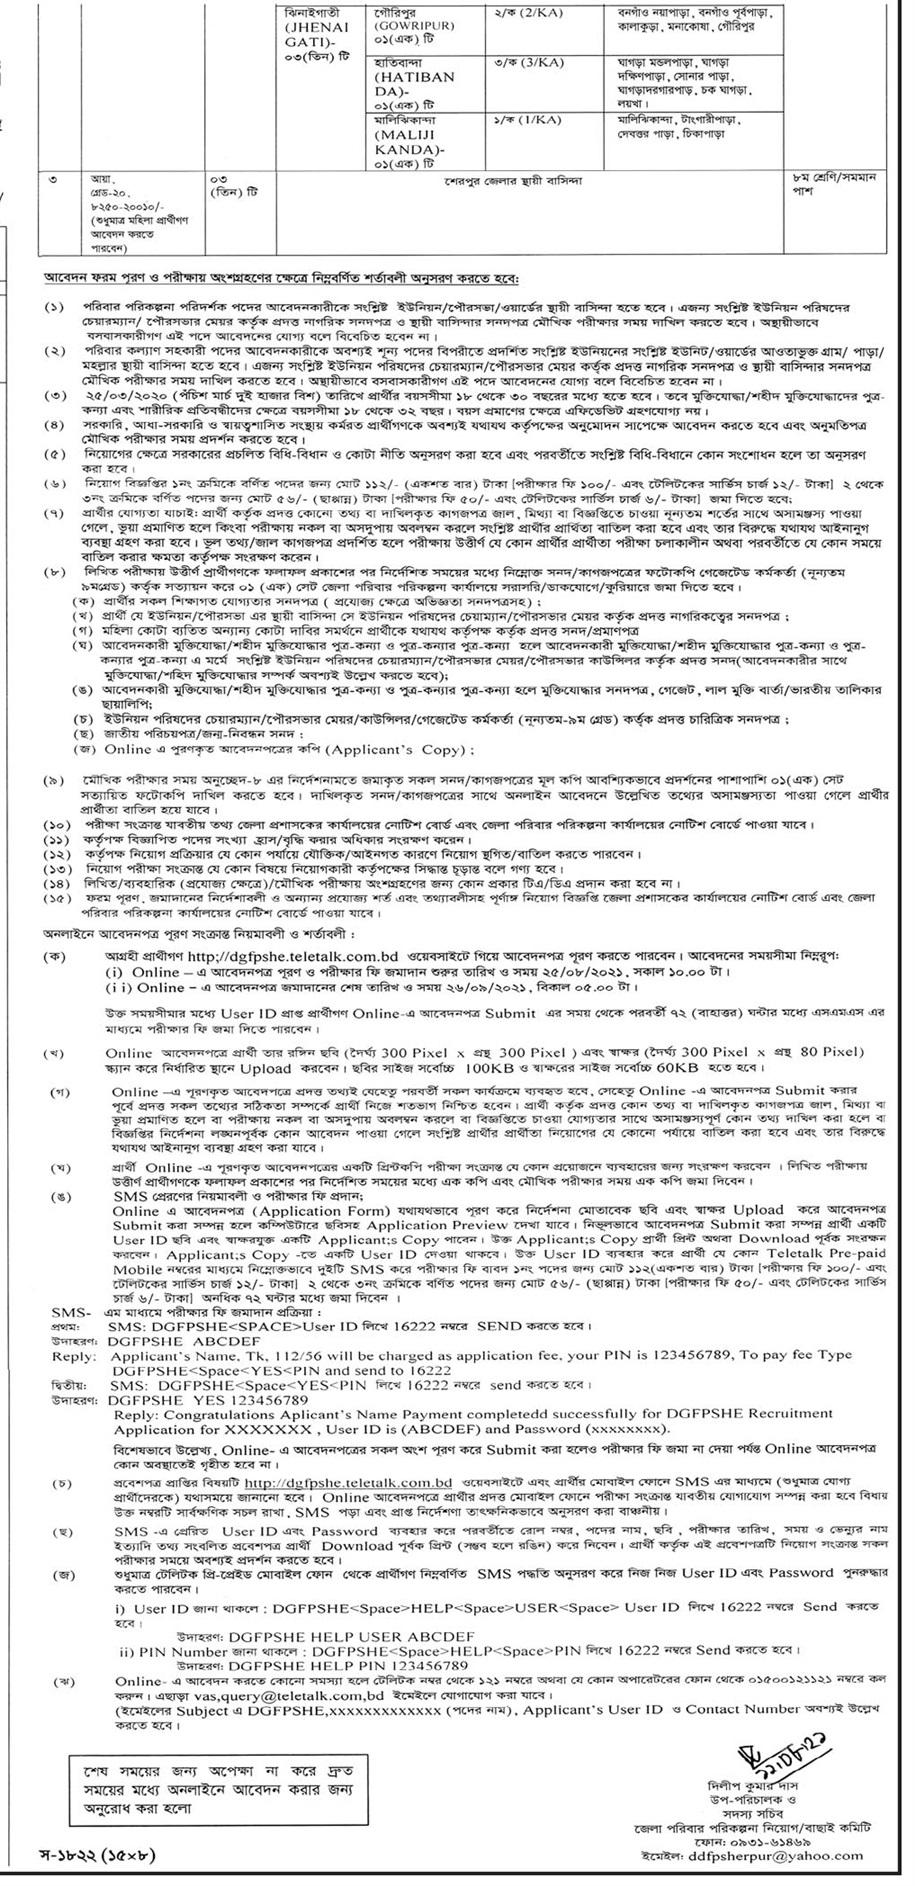 শেরপুর জেলা পরিবার পরিকল্পনা নিয়োগ বিজ্ঞপ্তি ২০২১ - Sherpur DistrictAkhaura Upazila Family Planning Job Circular 2021 - পরিবার পরিকল্পনা নিয়োগ বিজ্ঞপ্তি ২০২১